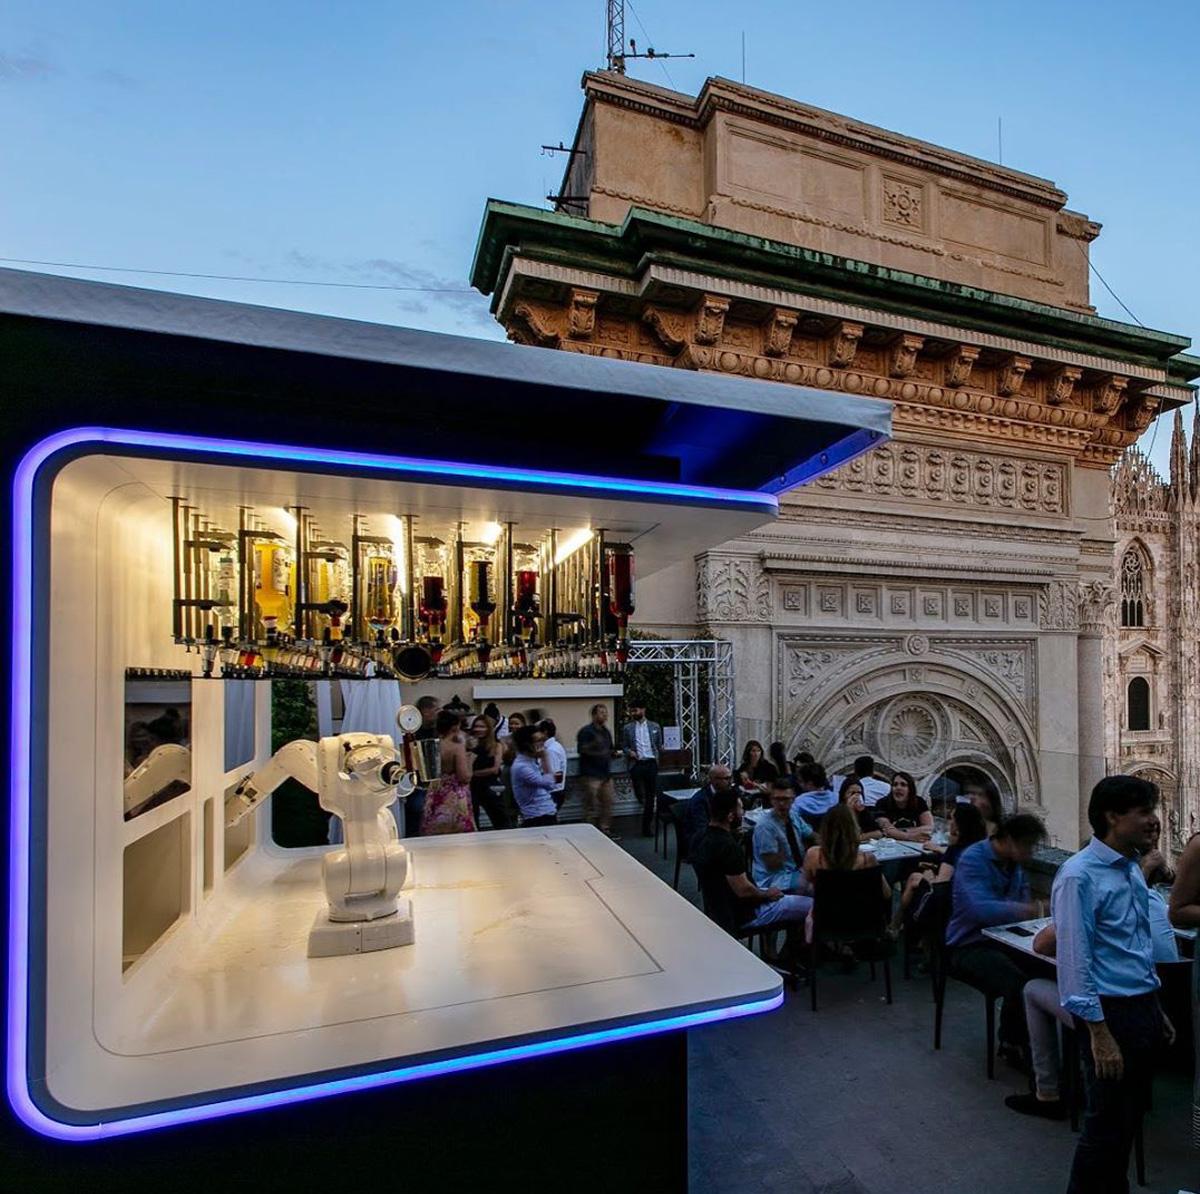 Bar em Milão que usa robôs para servir drinks: os novos hábitos de distanciamento pós-pandemia acirram noções individuais de privacidade e isolamento dos corpos –